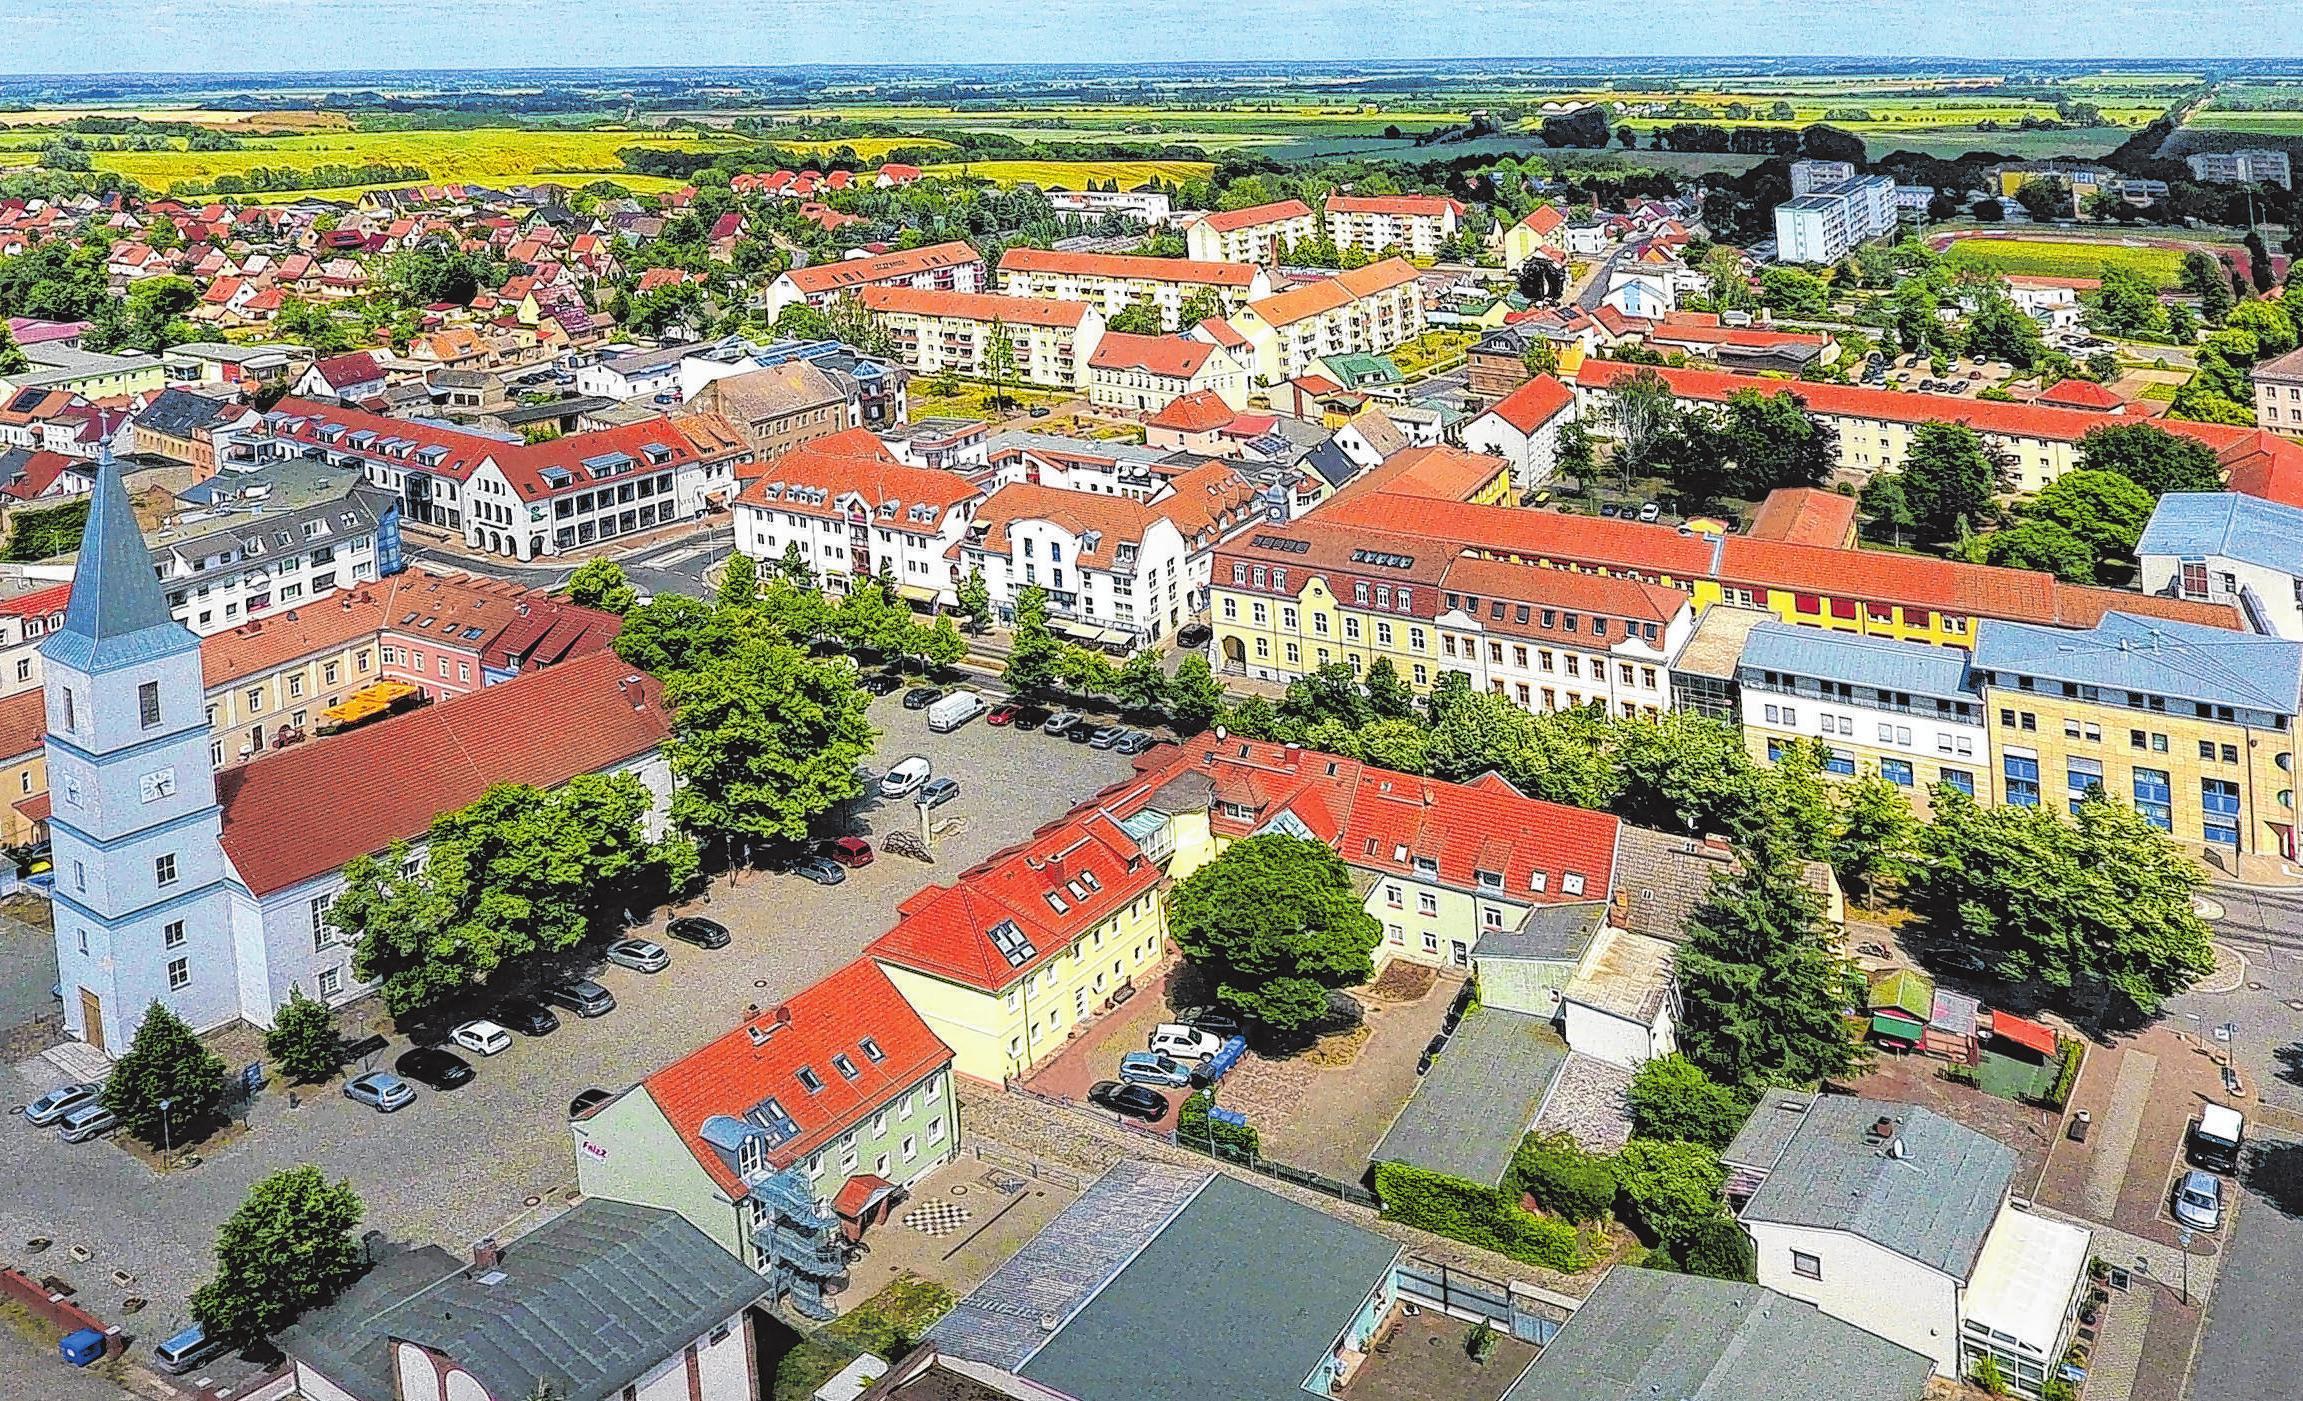 Klein, fein und oho. Seelow ist zwar noch immer eine der kleinsten Kreisstädte in Deutschland. Doch das tut Ihrem Charme keinen Abbruch. Seit 1863 kann Seelow auf eine Tradition als Kreisstadt zurückblicken. 2002 feierte die Stadt ihr 750-jähriges Bestehen mit über 40.000 Gästen. So richtig schön geworden ist die Stadt aber erst in den letzten Jahren. Das Zentrum um den Marktplatz ist wieder erstanden, Häuser wurden saniert und neugebaut. Viel Grün prägt die Stadt - und ein Blick, der weit hinein reicht ins Oderbruch. Fotos: Matthias Lubisch